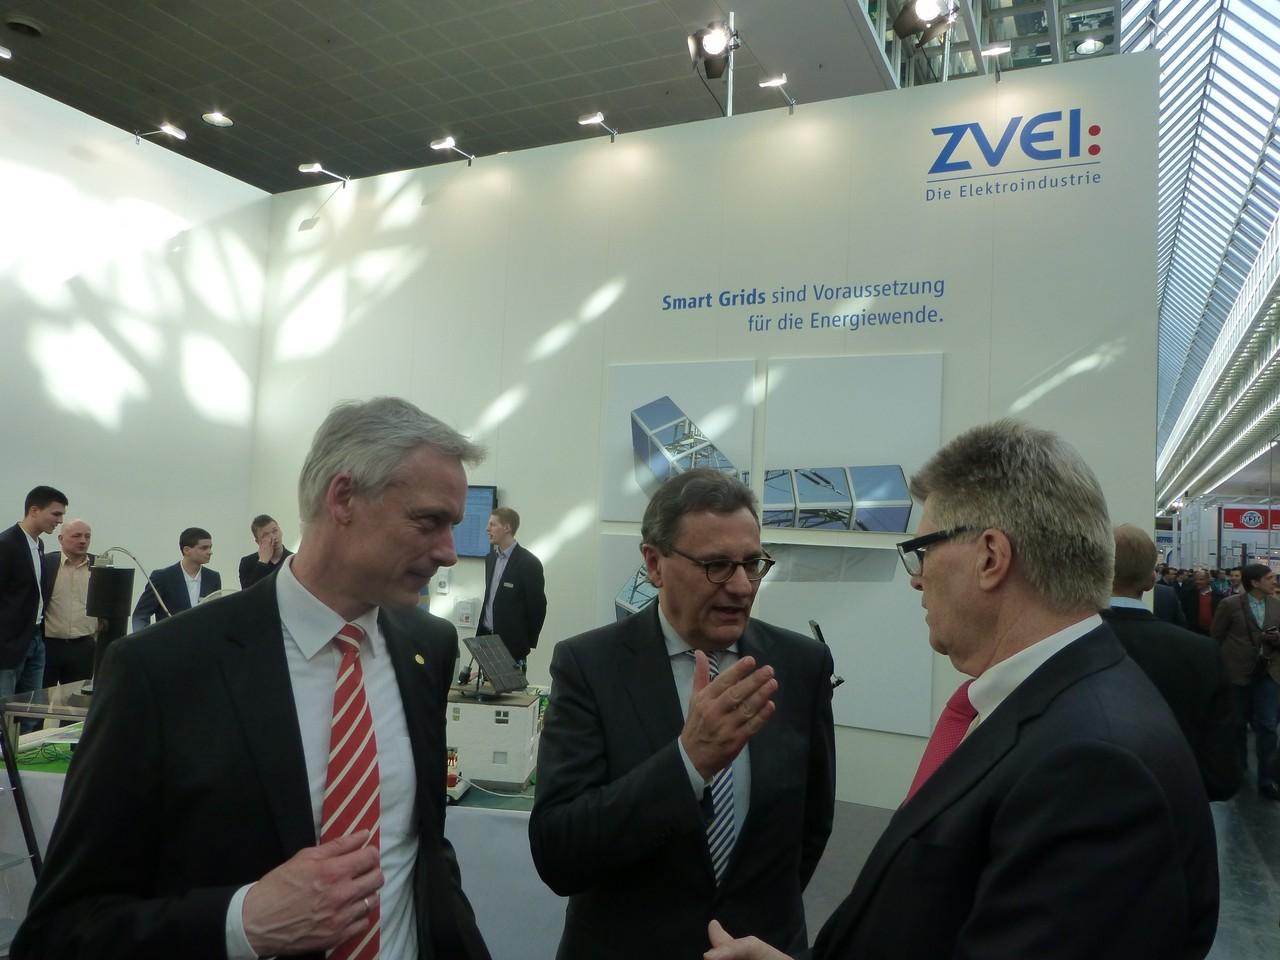 CeBIT 2013: Im Gespräch mit Dr. Andreas Gruchow, Vorstandsmitglied Deutsche Messe AG, und ZVEI-Präsident Friedhelm Loh (Rittal GmbH)